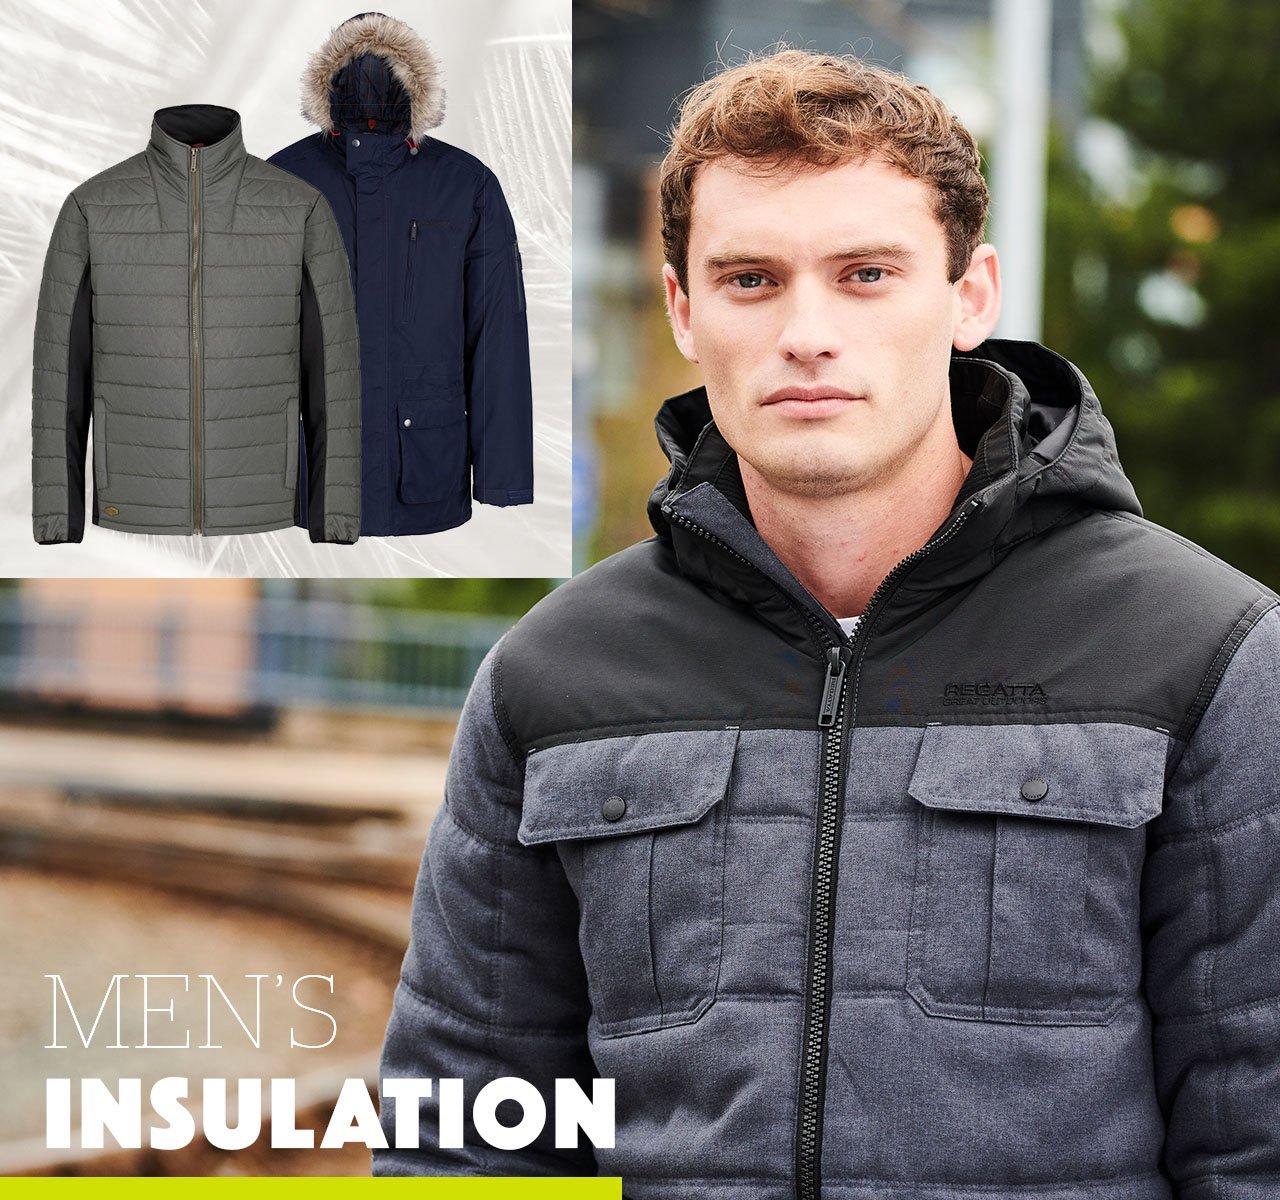 Men's insulation